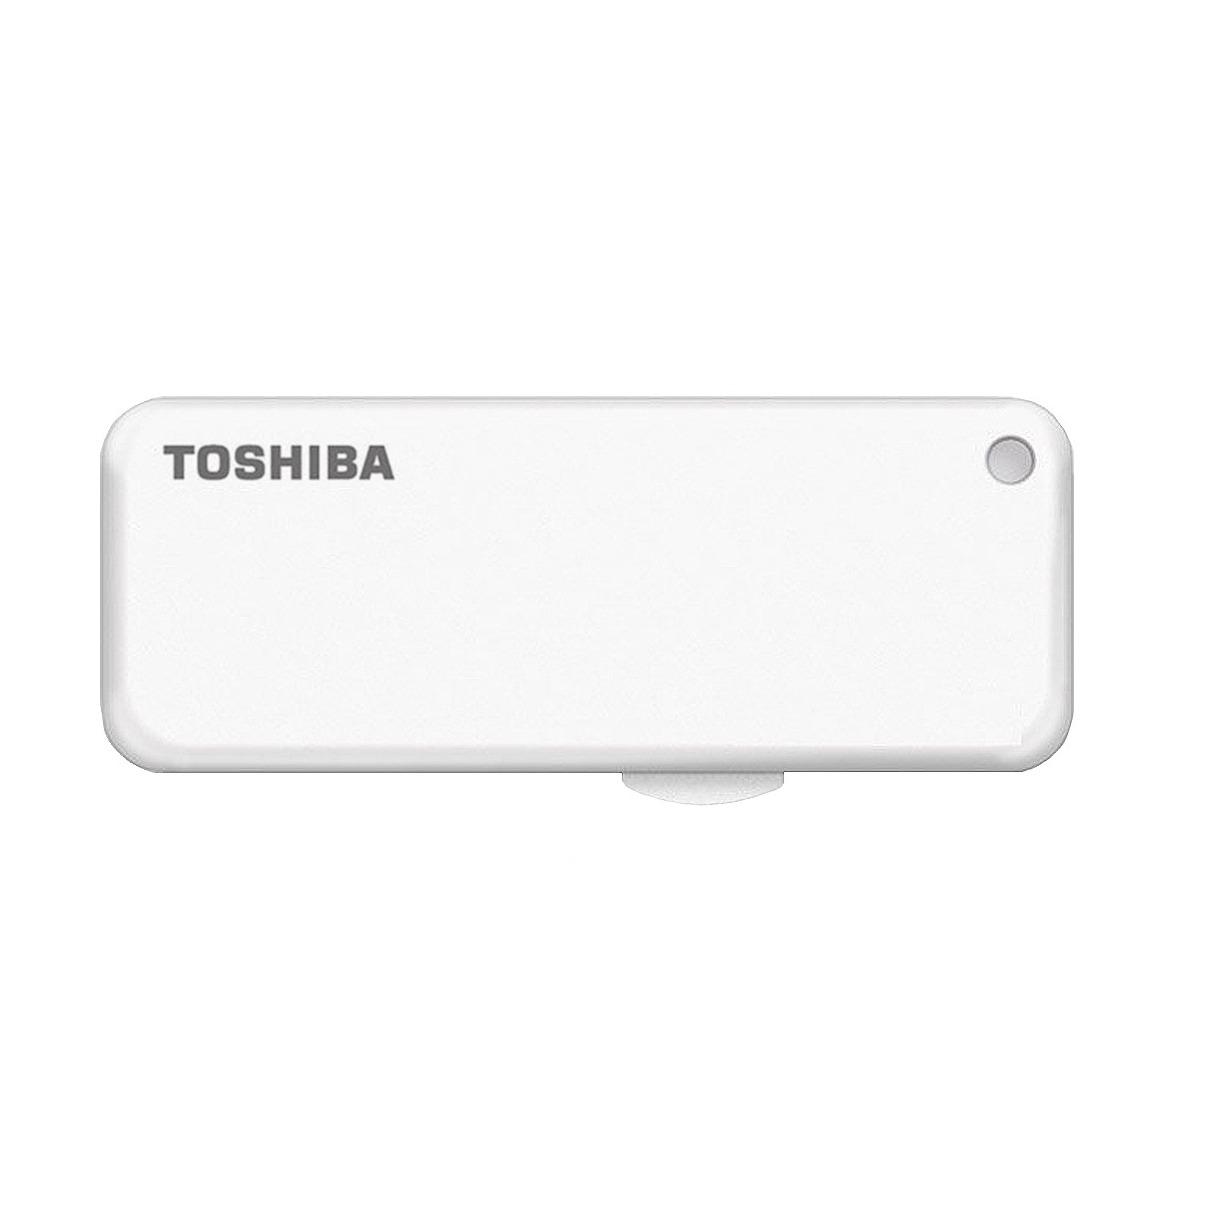 Toshiba usb sticks TransMemory U203 16GB USB 2.0 wit